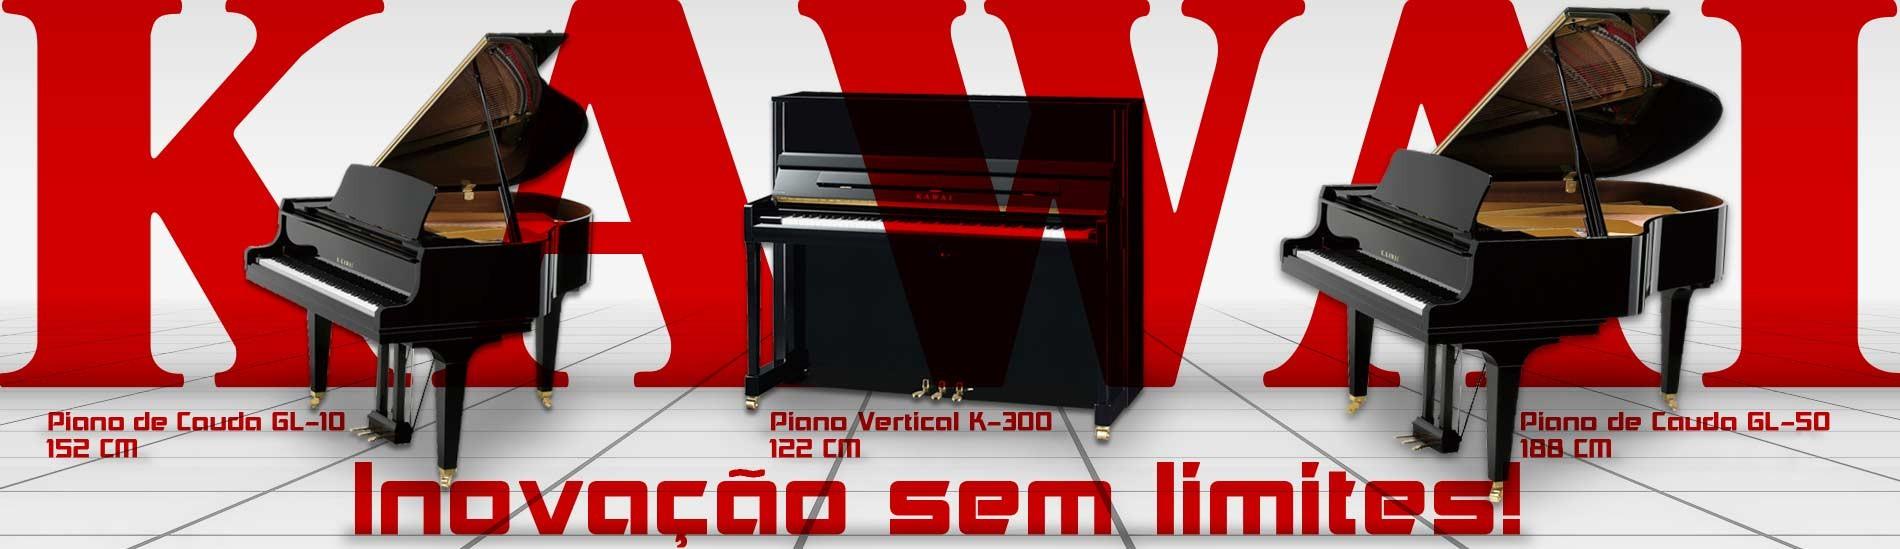 Pianos Acústicos Kawai - Inovação sem limites!